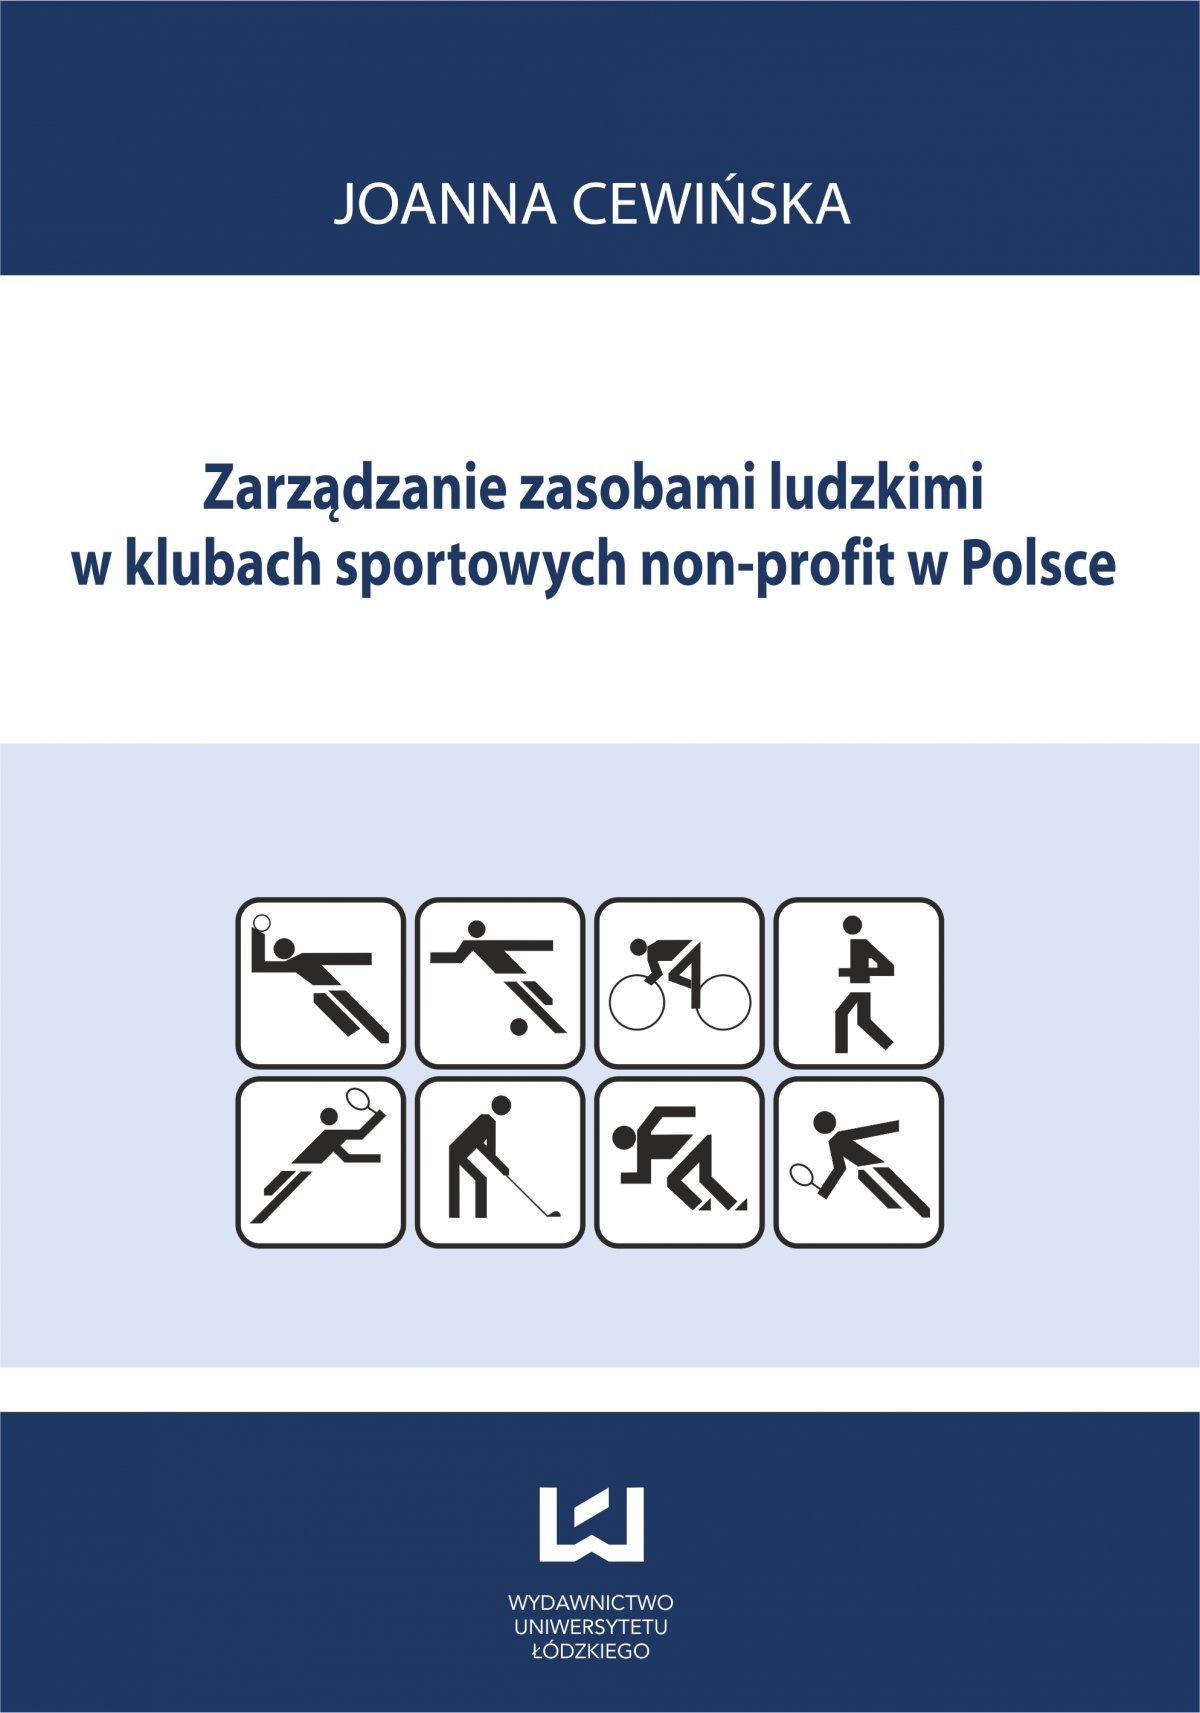 Zarządzanie zasobami ludzkimi w klubach sportowych non profit w Polsce - Ebook (Książka PDF) do pobrania w formacie PDF